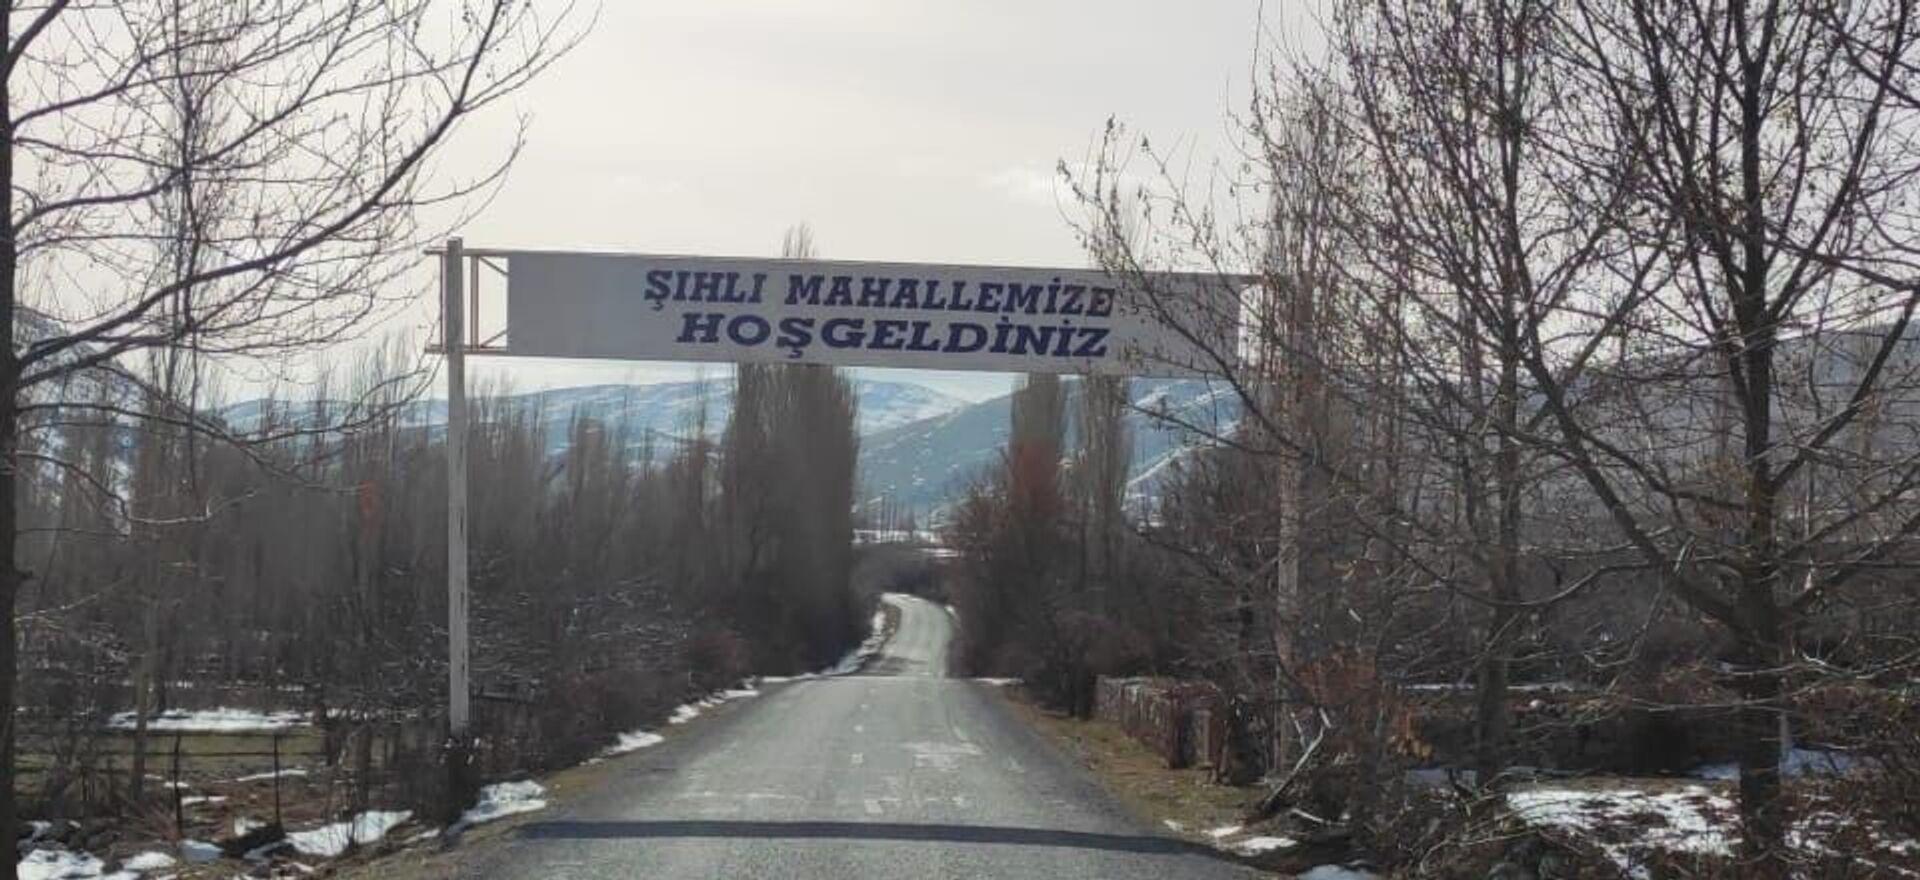 Kayseri'de mutasyonlu virüs tespit edilen mahalle 10 günlük karantinaya alındı - Sputnik Türkiye, 1920, 25.02.2021